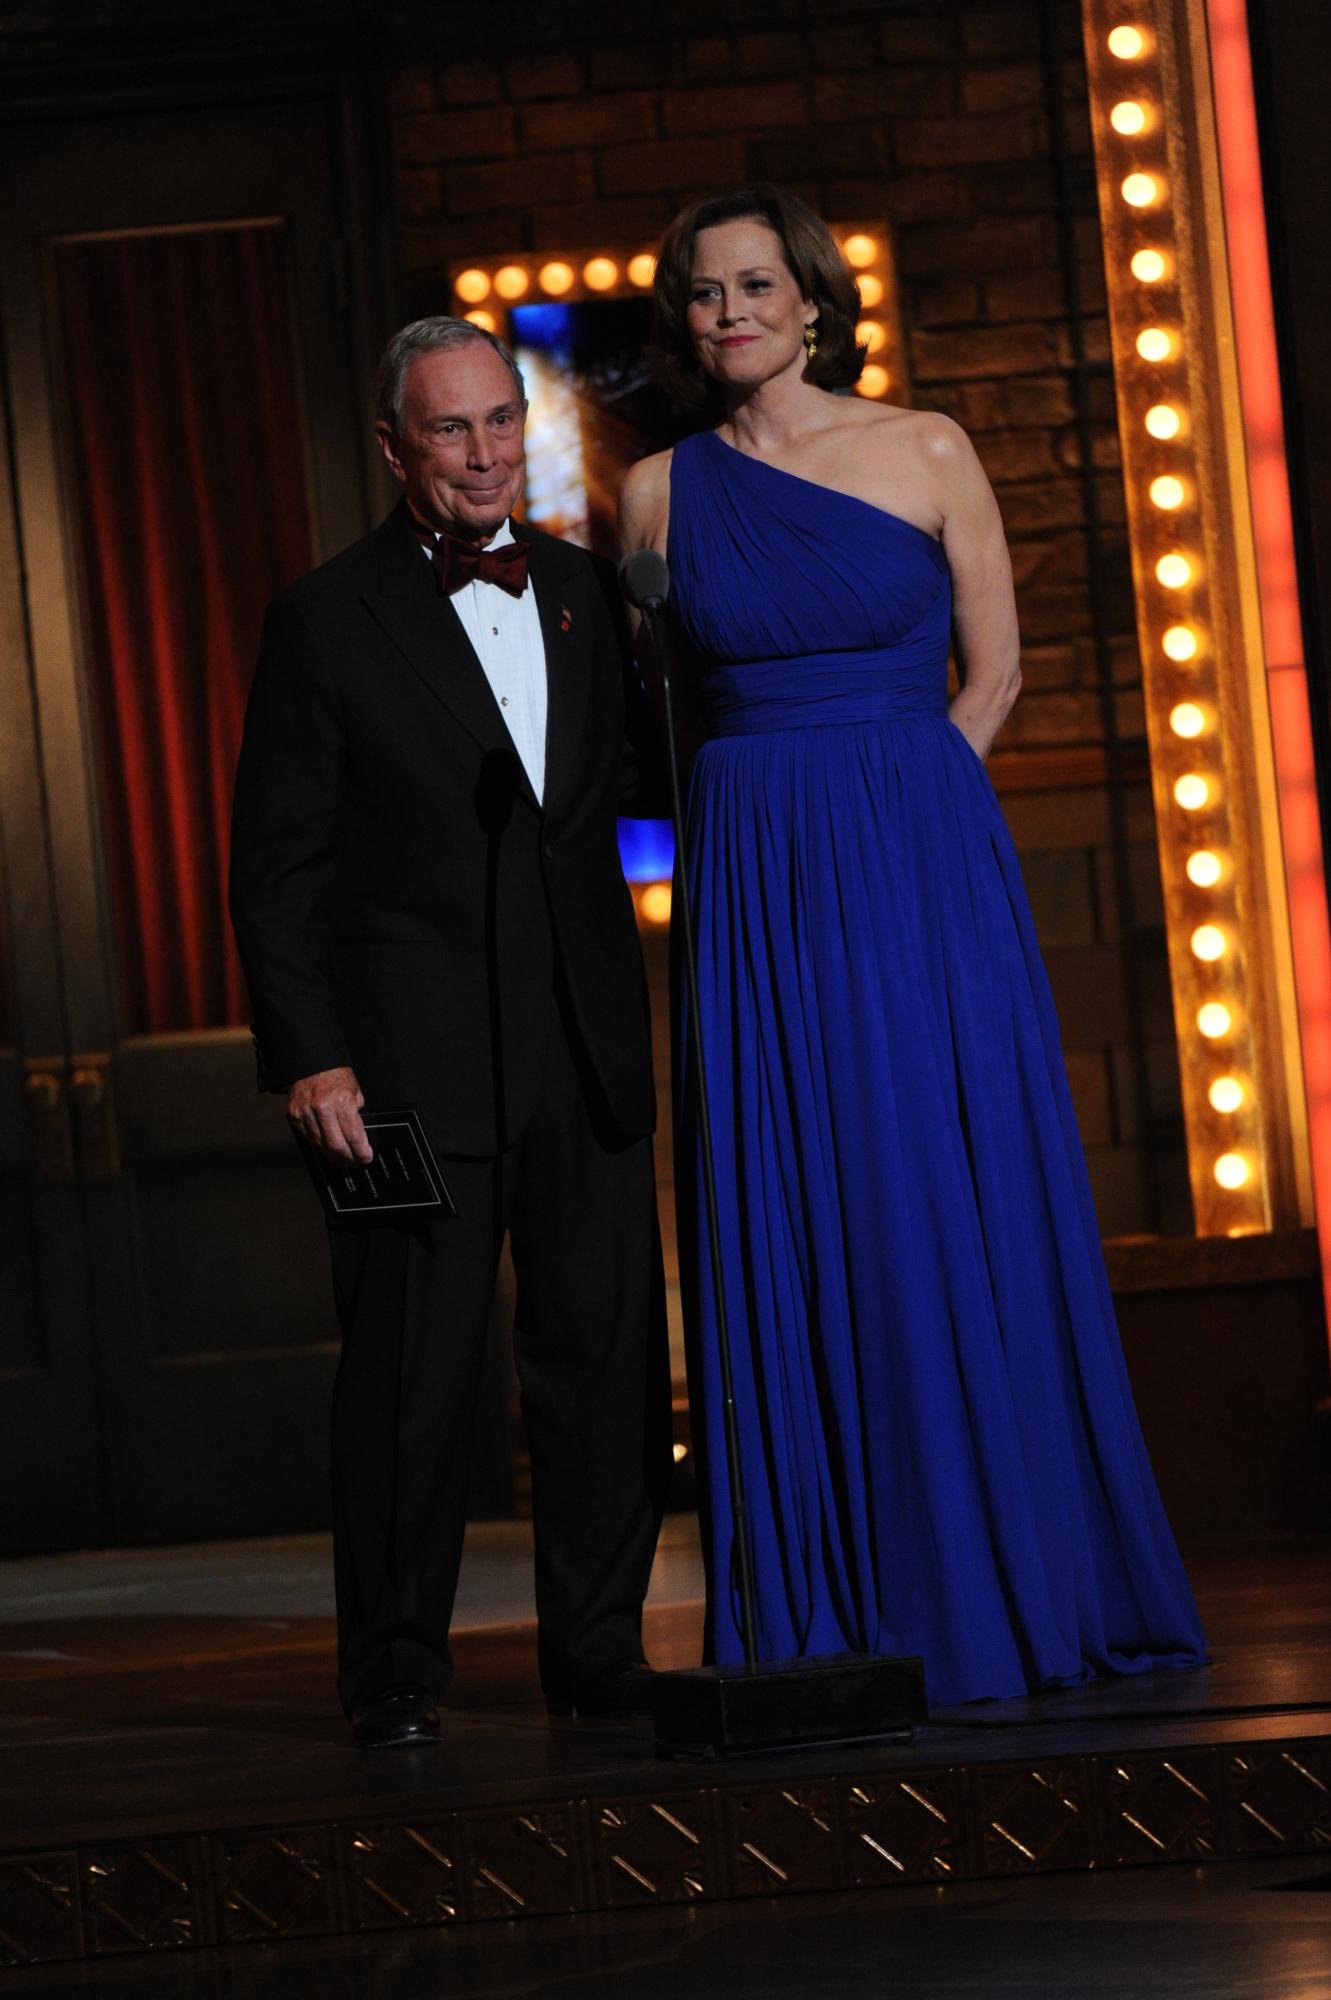 New York Mayor Michael Bloomberg and Sigourney Weaver